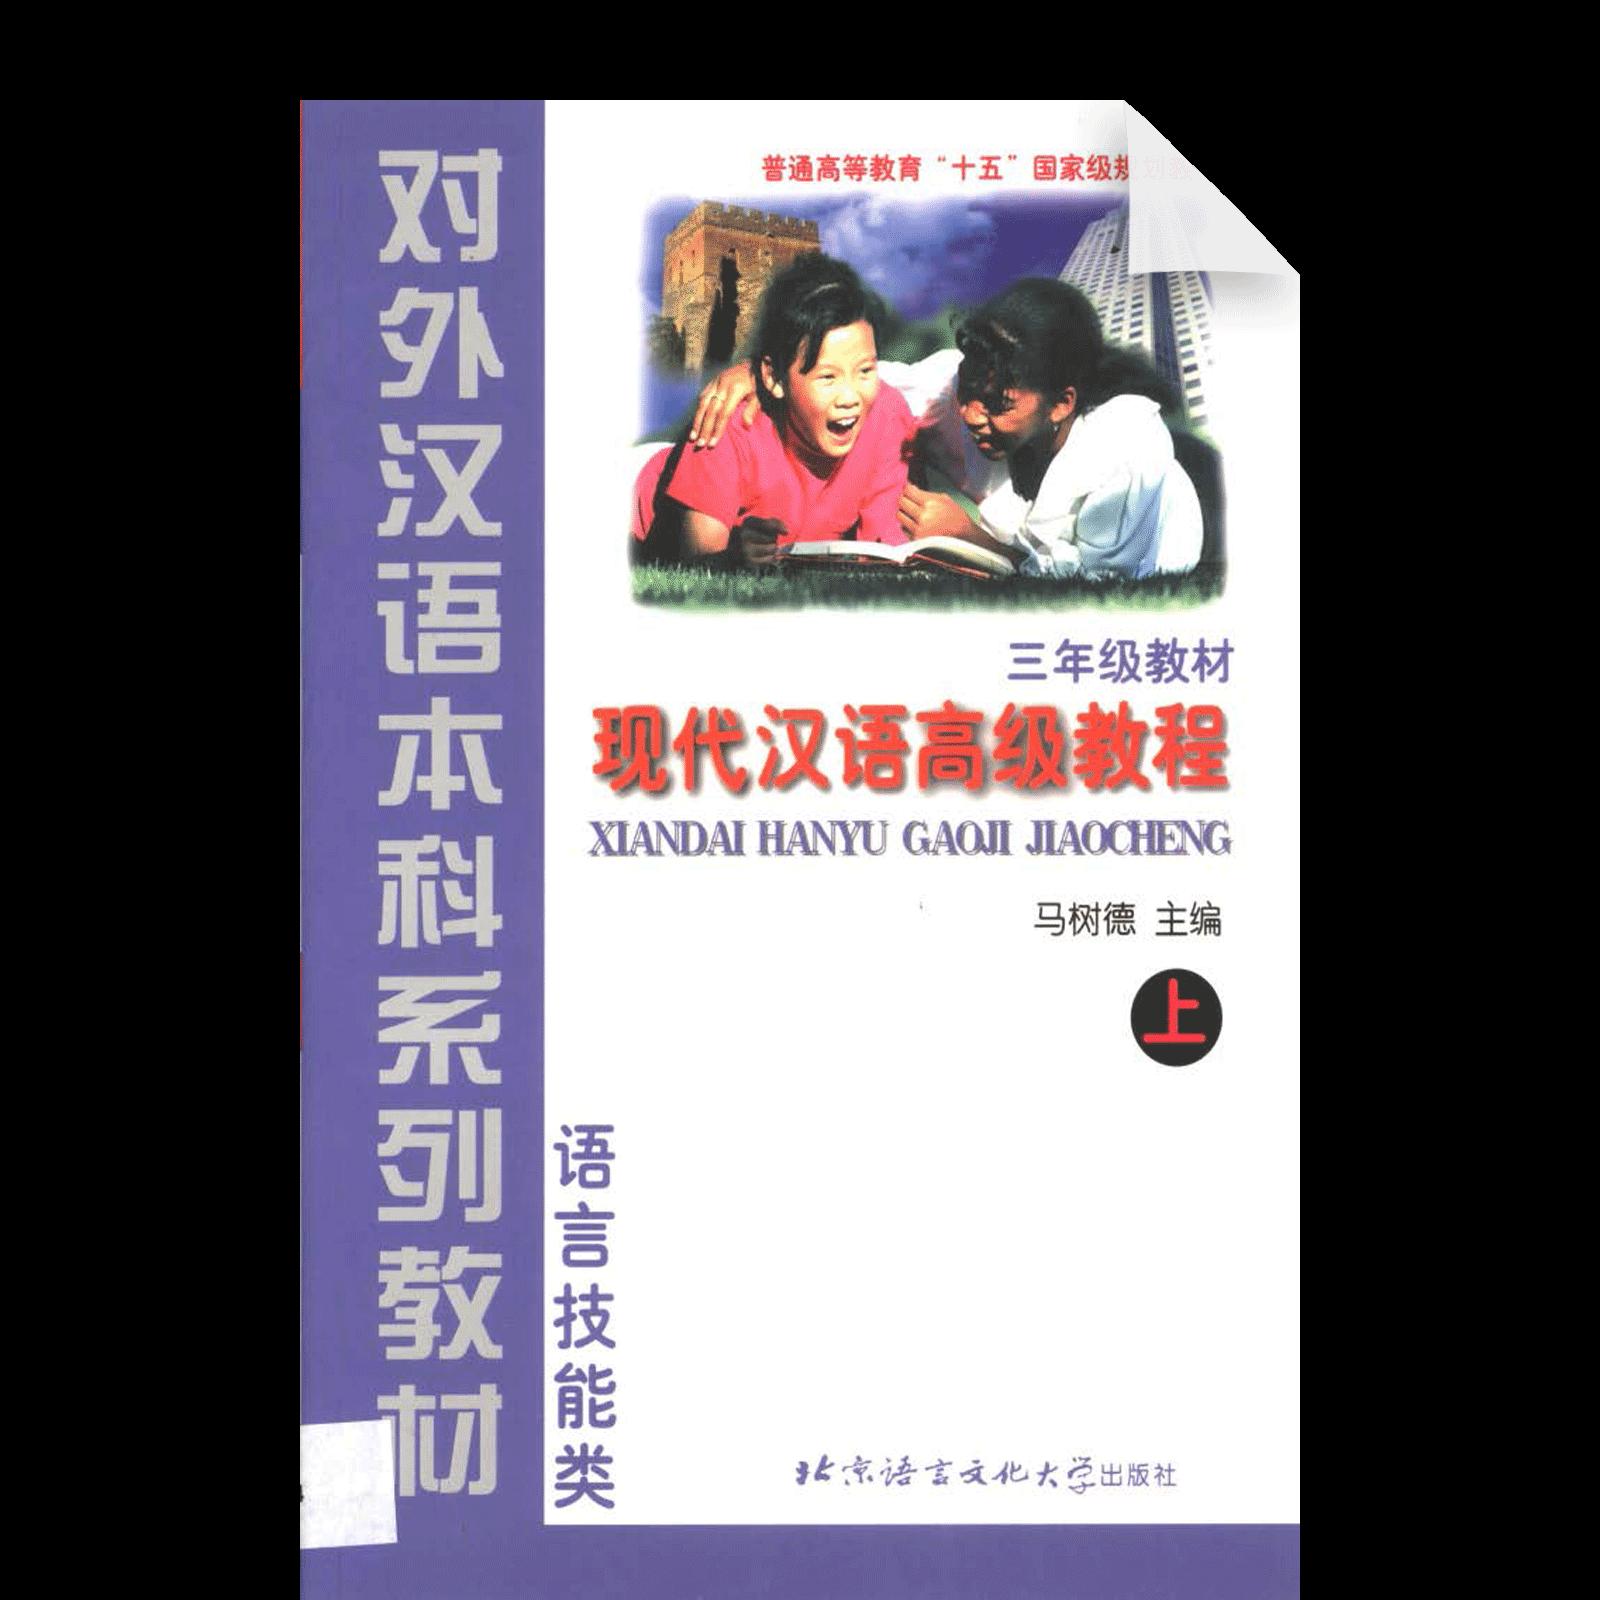 3Nianji Jiaocai Xiandai Hanyu Gaoji Jiaocheng Shang